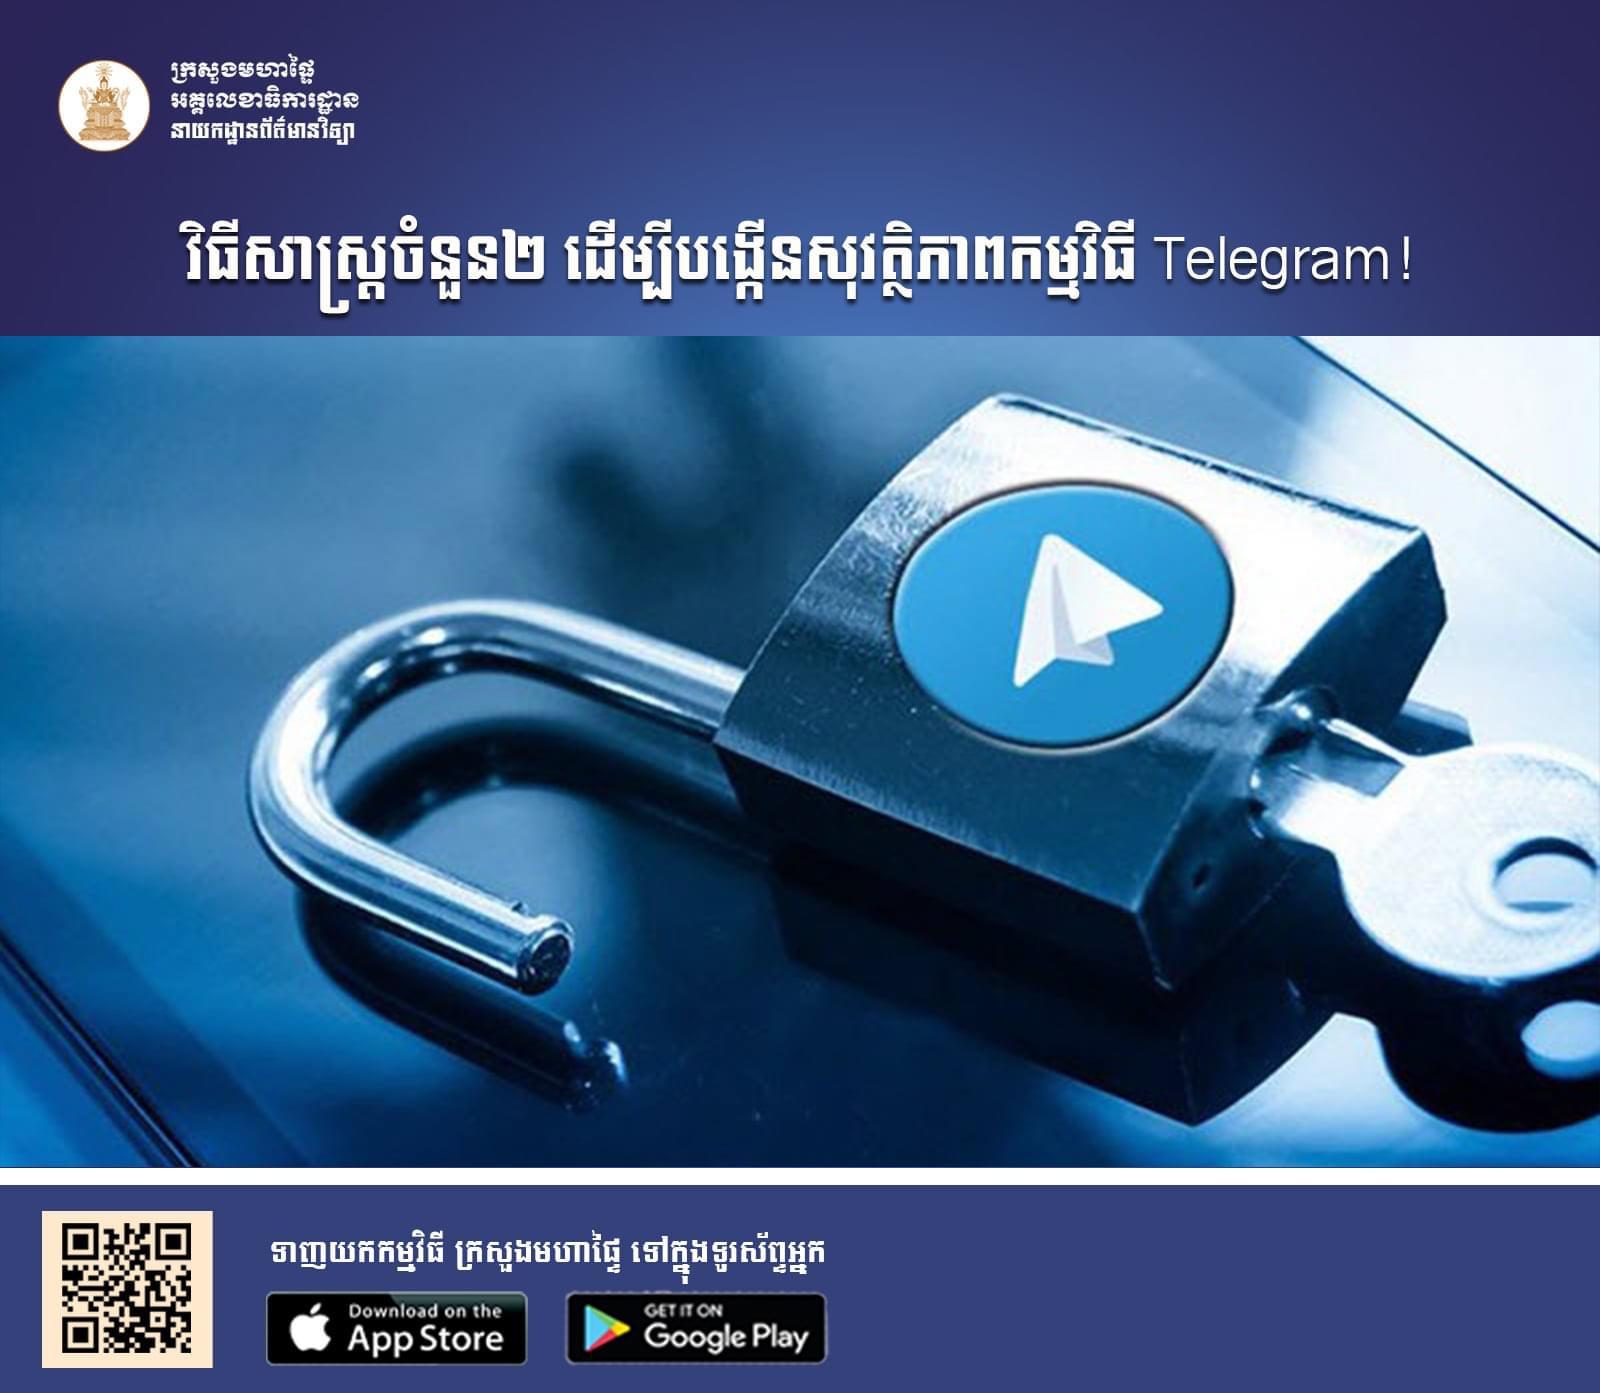 ២ ចំណុចដើម្បីបង្កើនសុវត្ថិភាព Telegram!